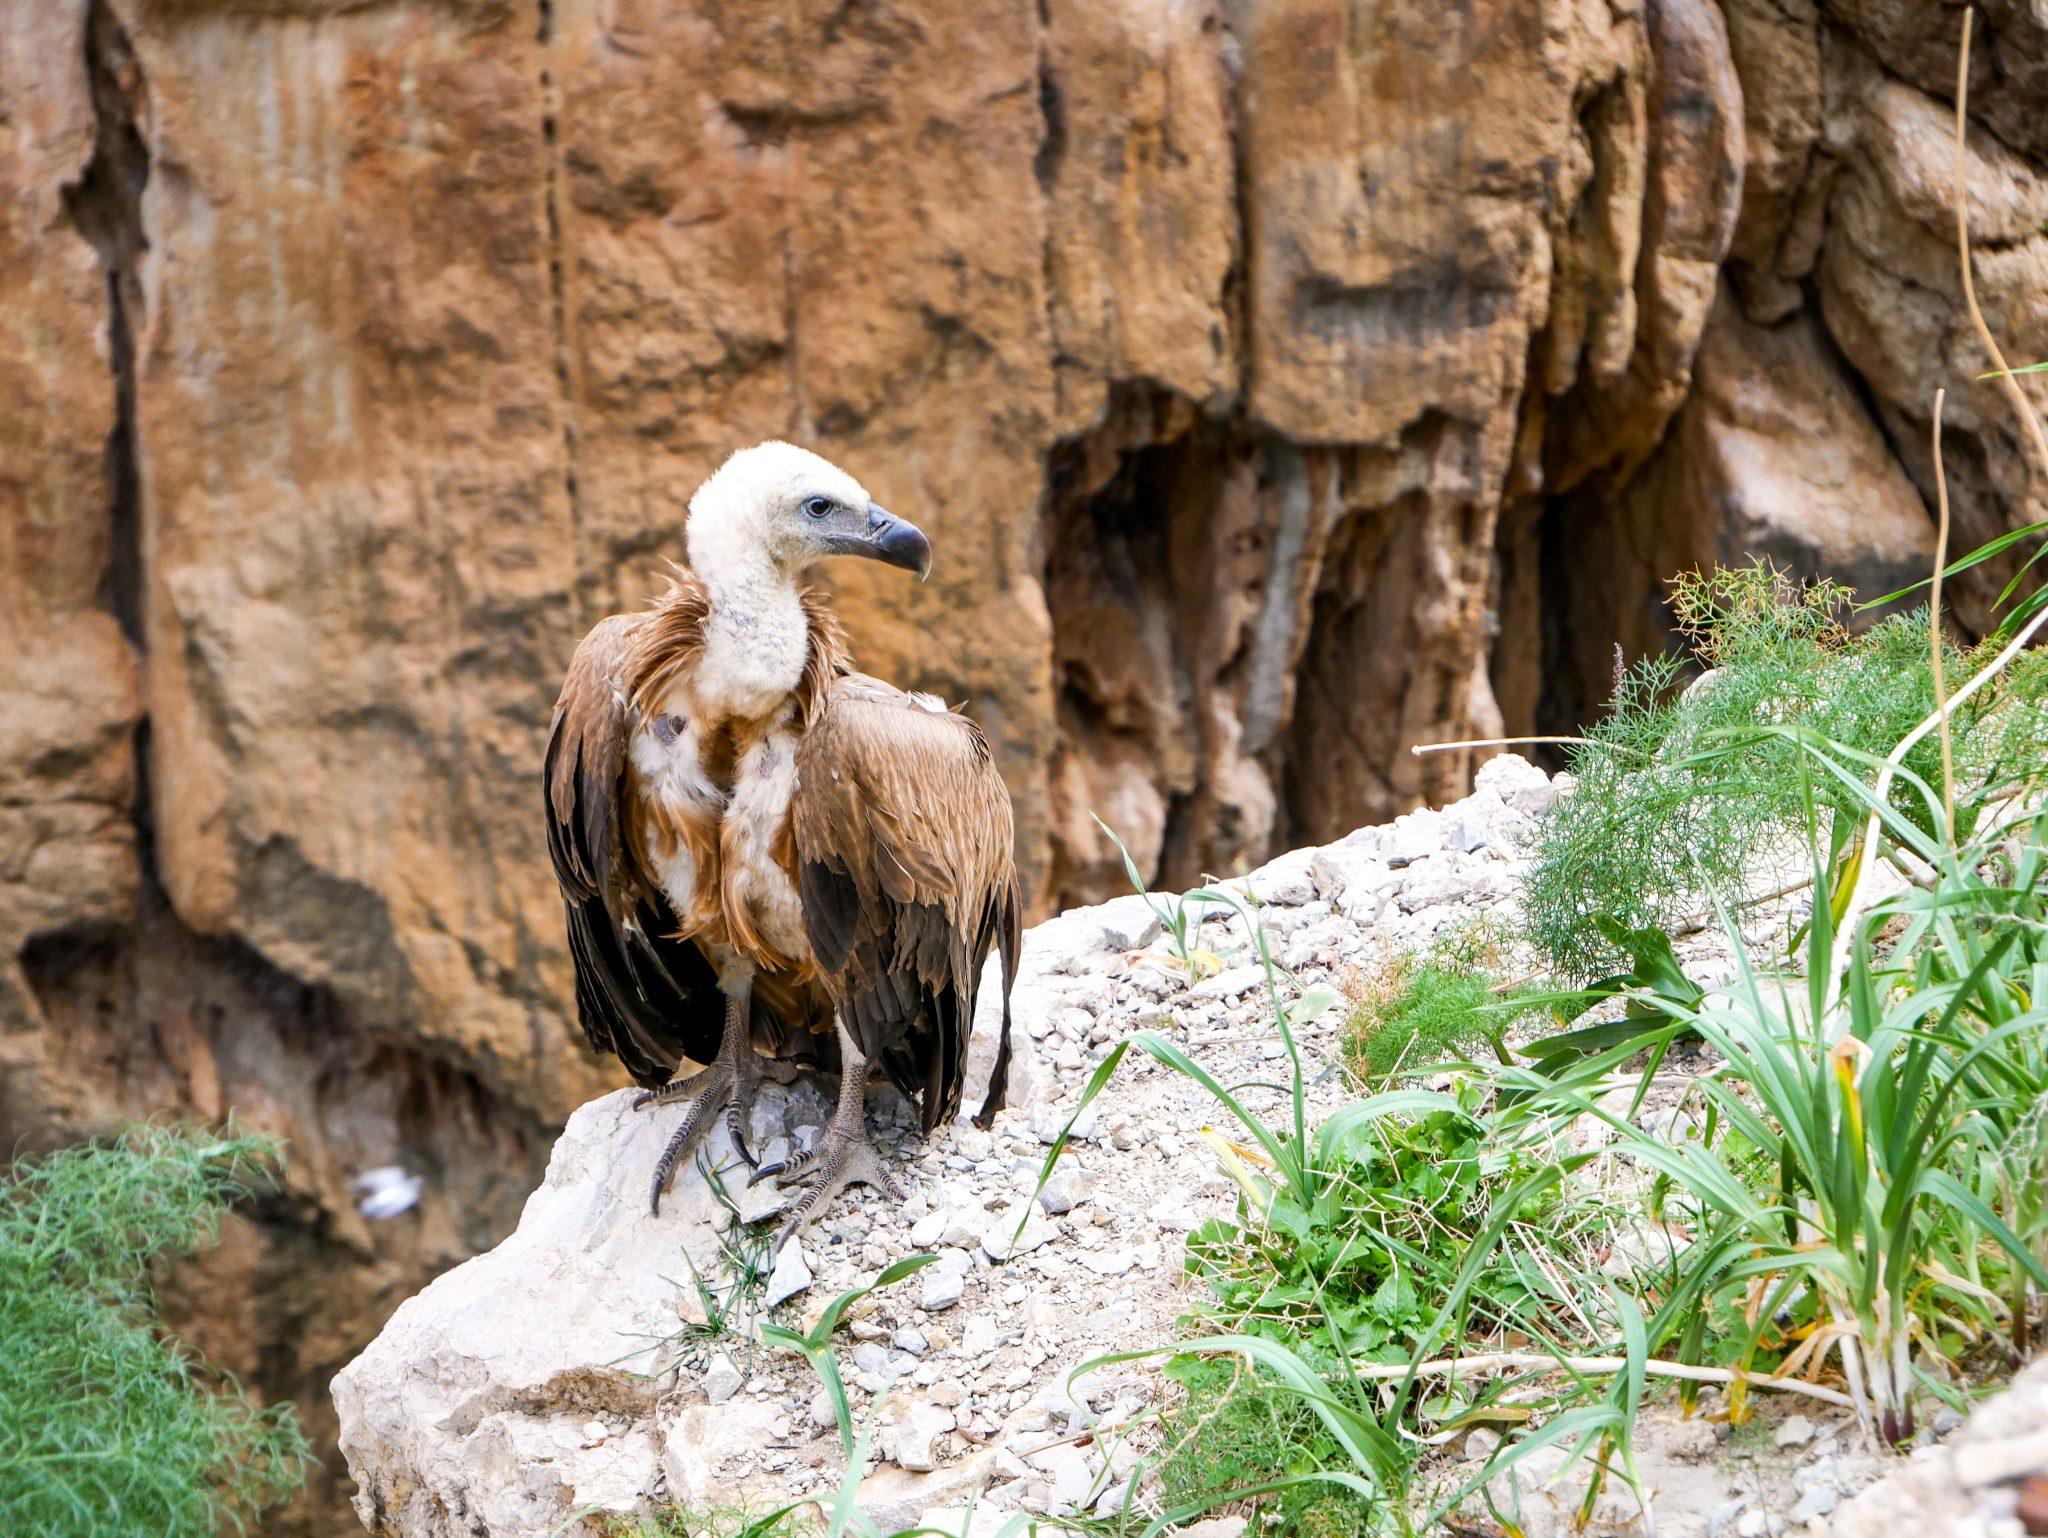 Caminito del Rey, Andalusien, Spanien: Mit ganz viel Glück, kannst du einen Geier sehen, der dort lebt!